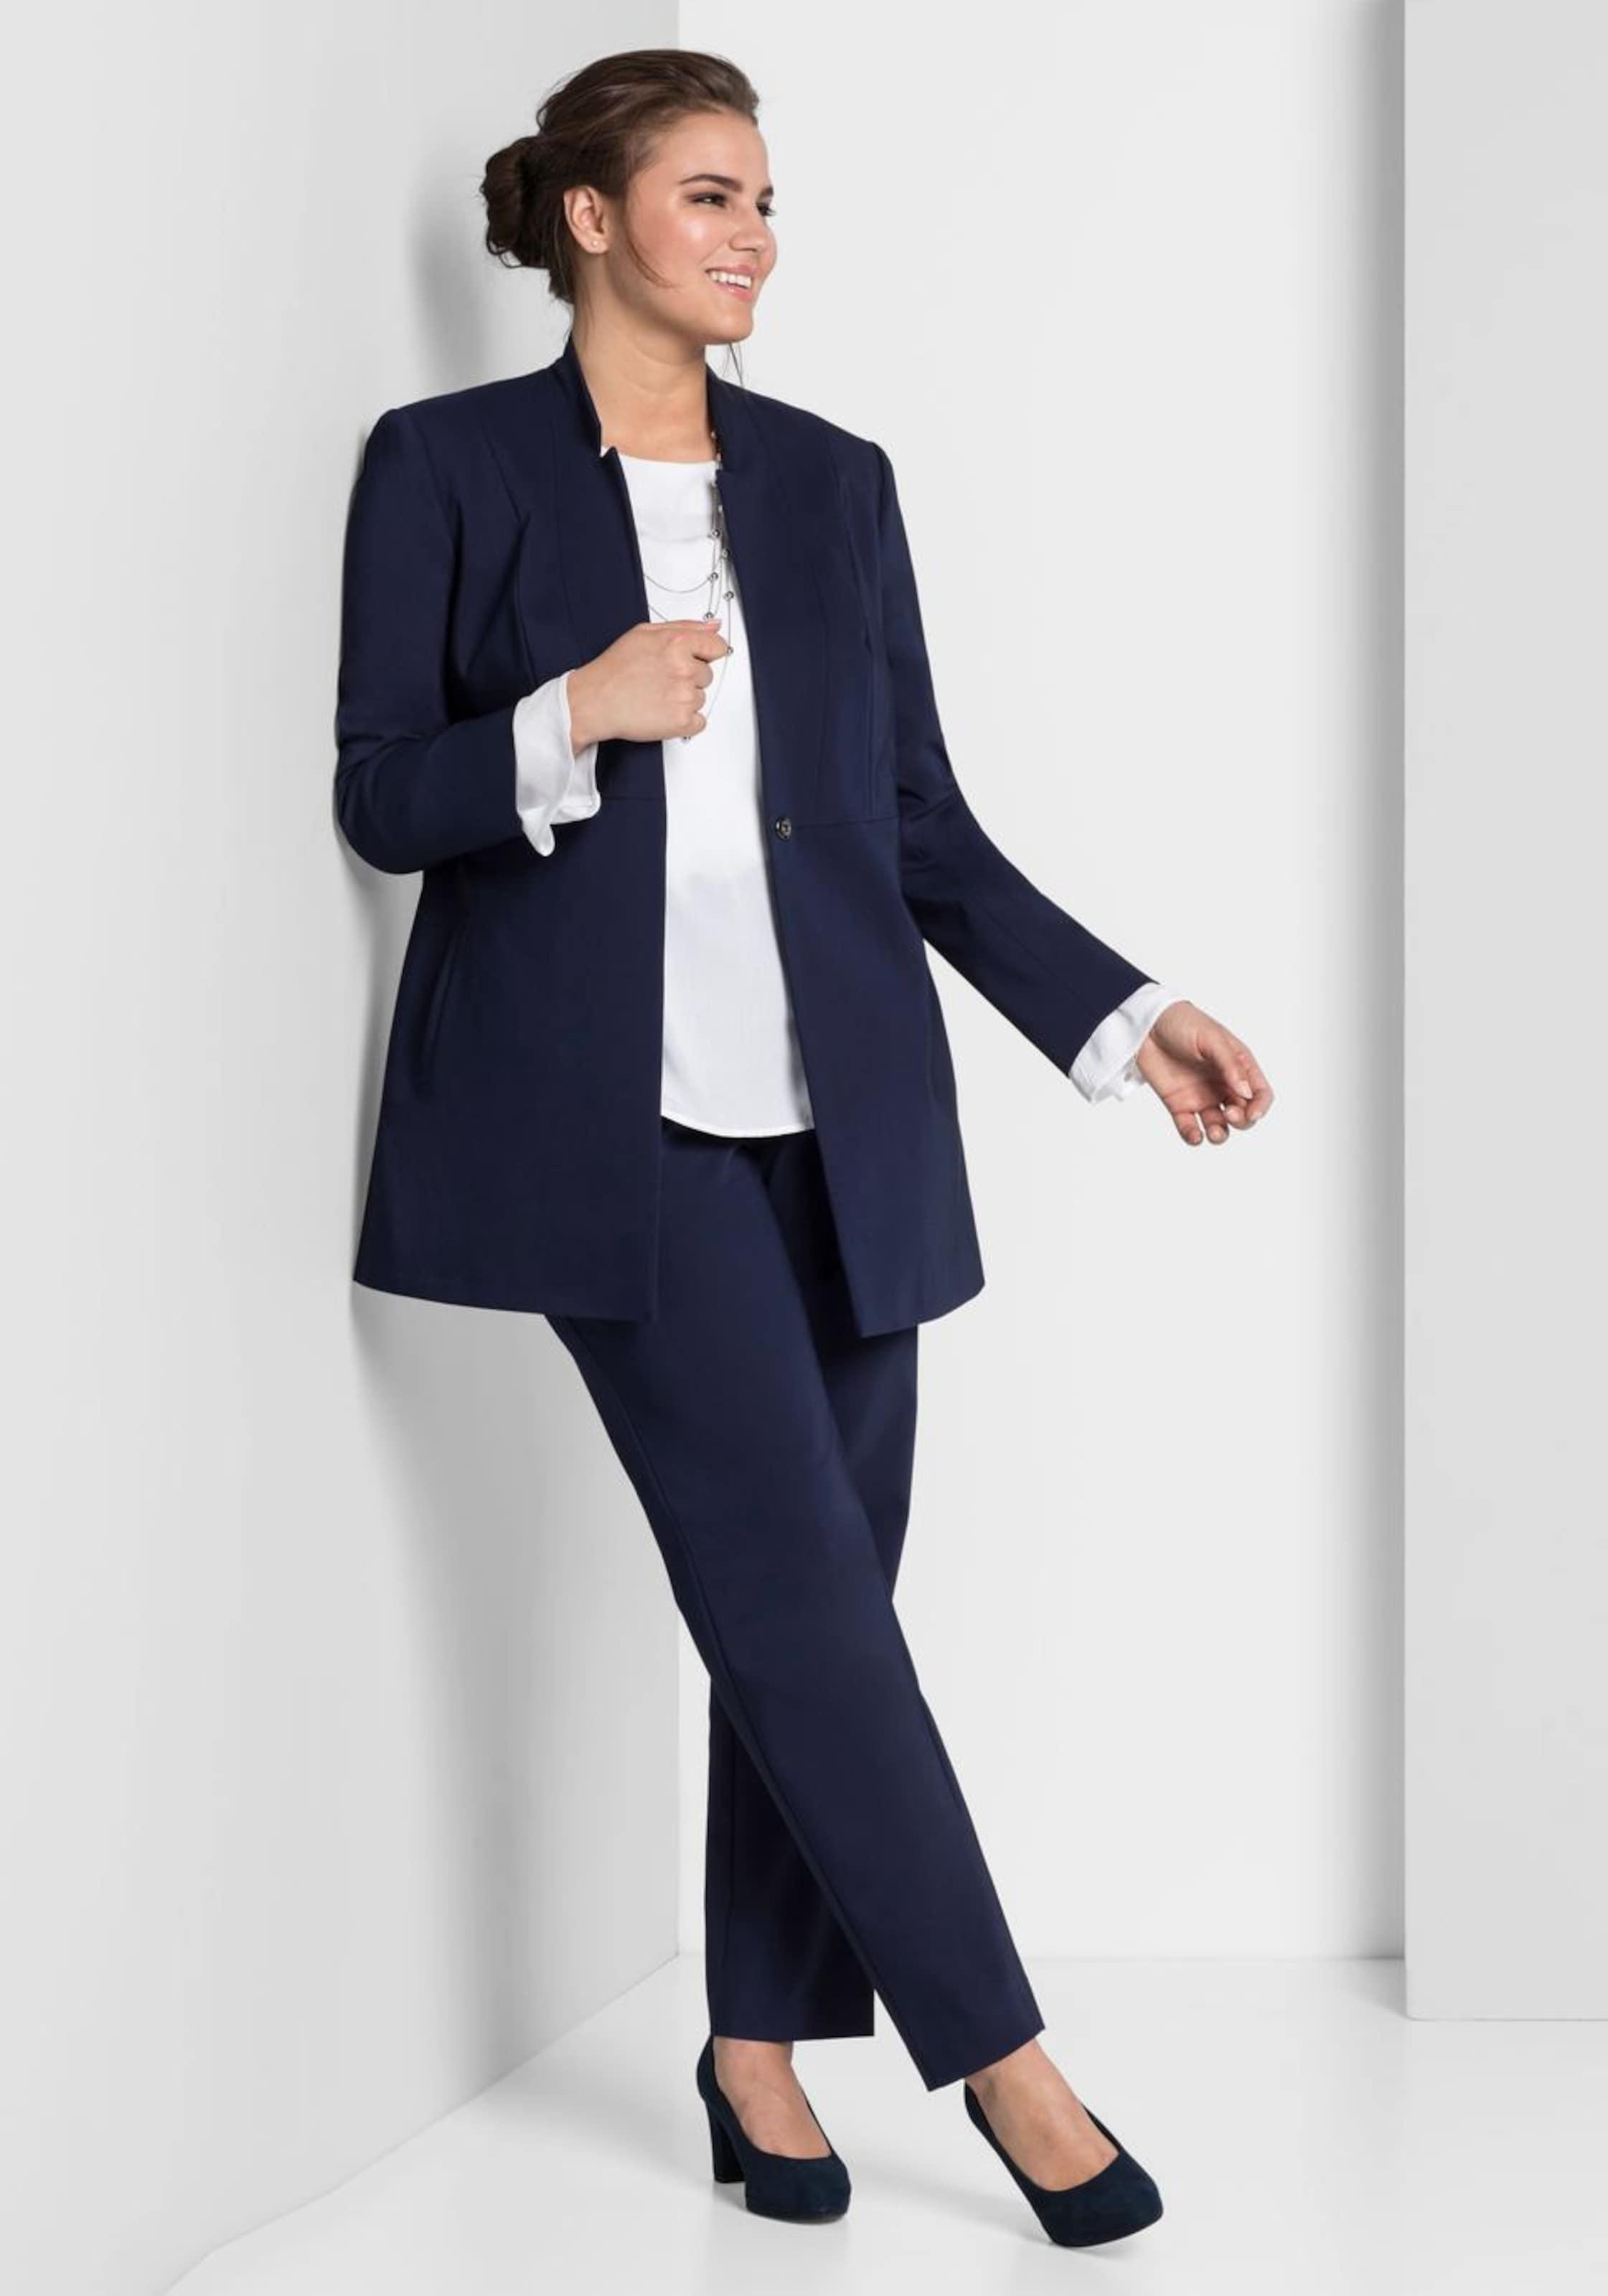 Style Blazer Marine Blazer Sheego Sheego Marine Sheego Style In Style Blazer In TFK31Jcl